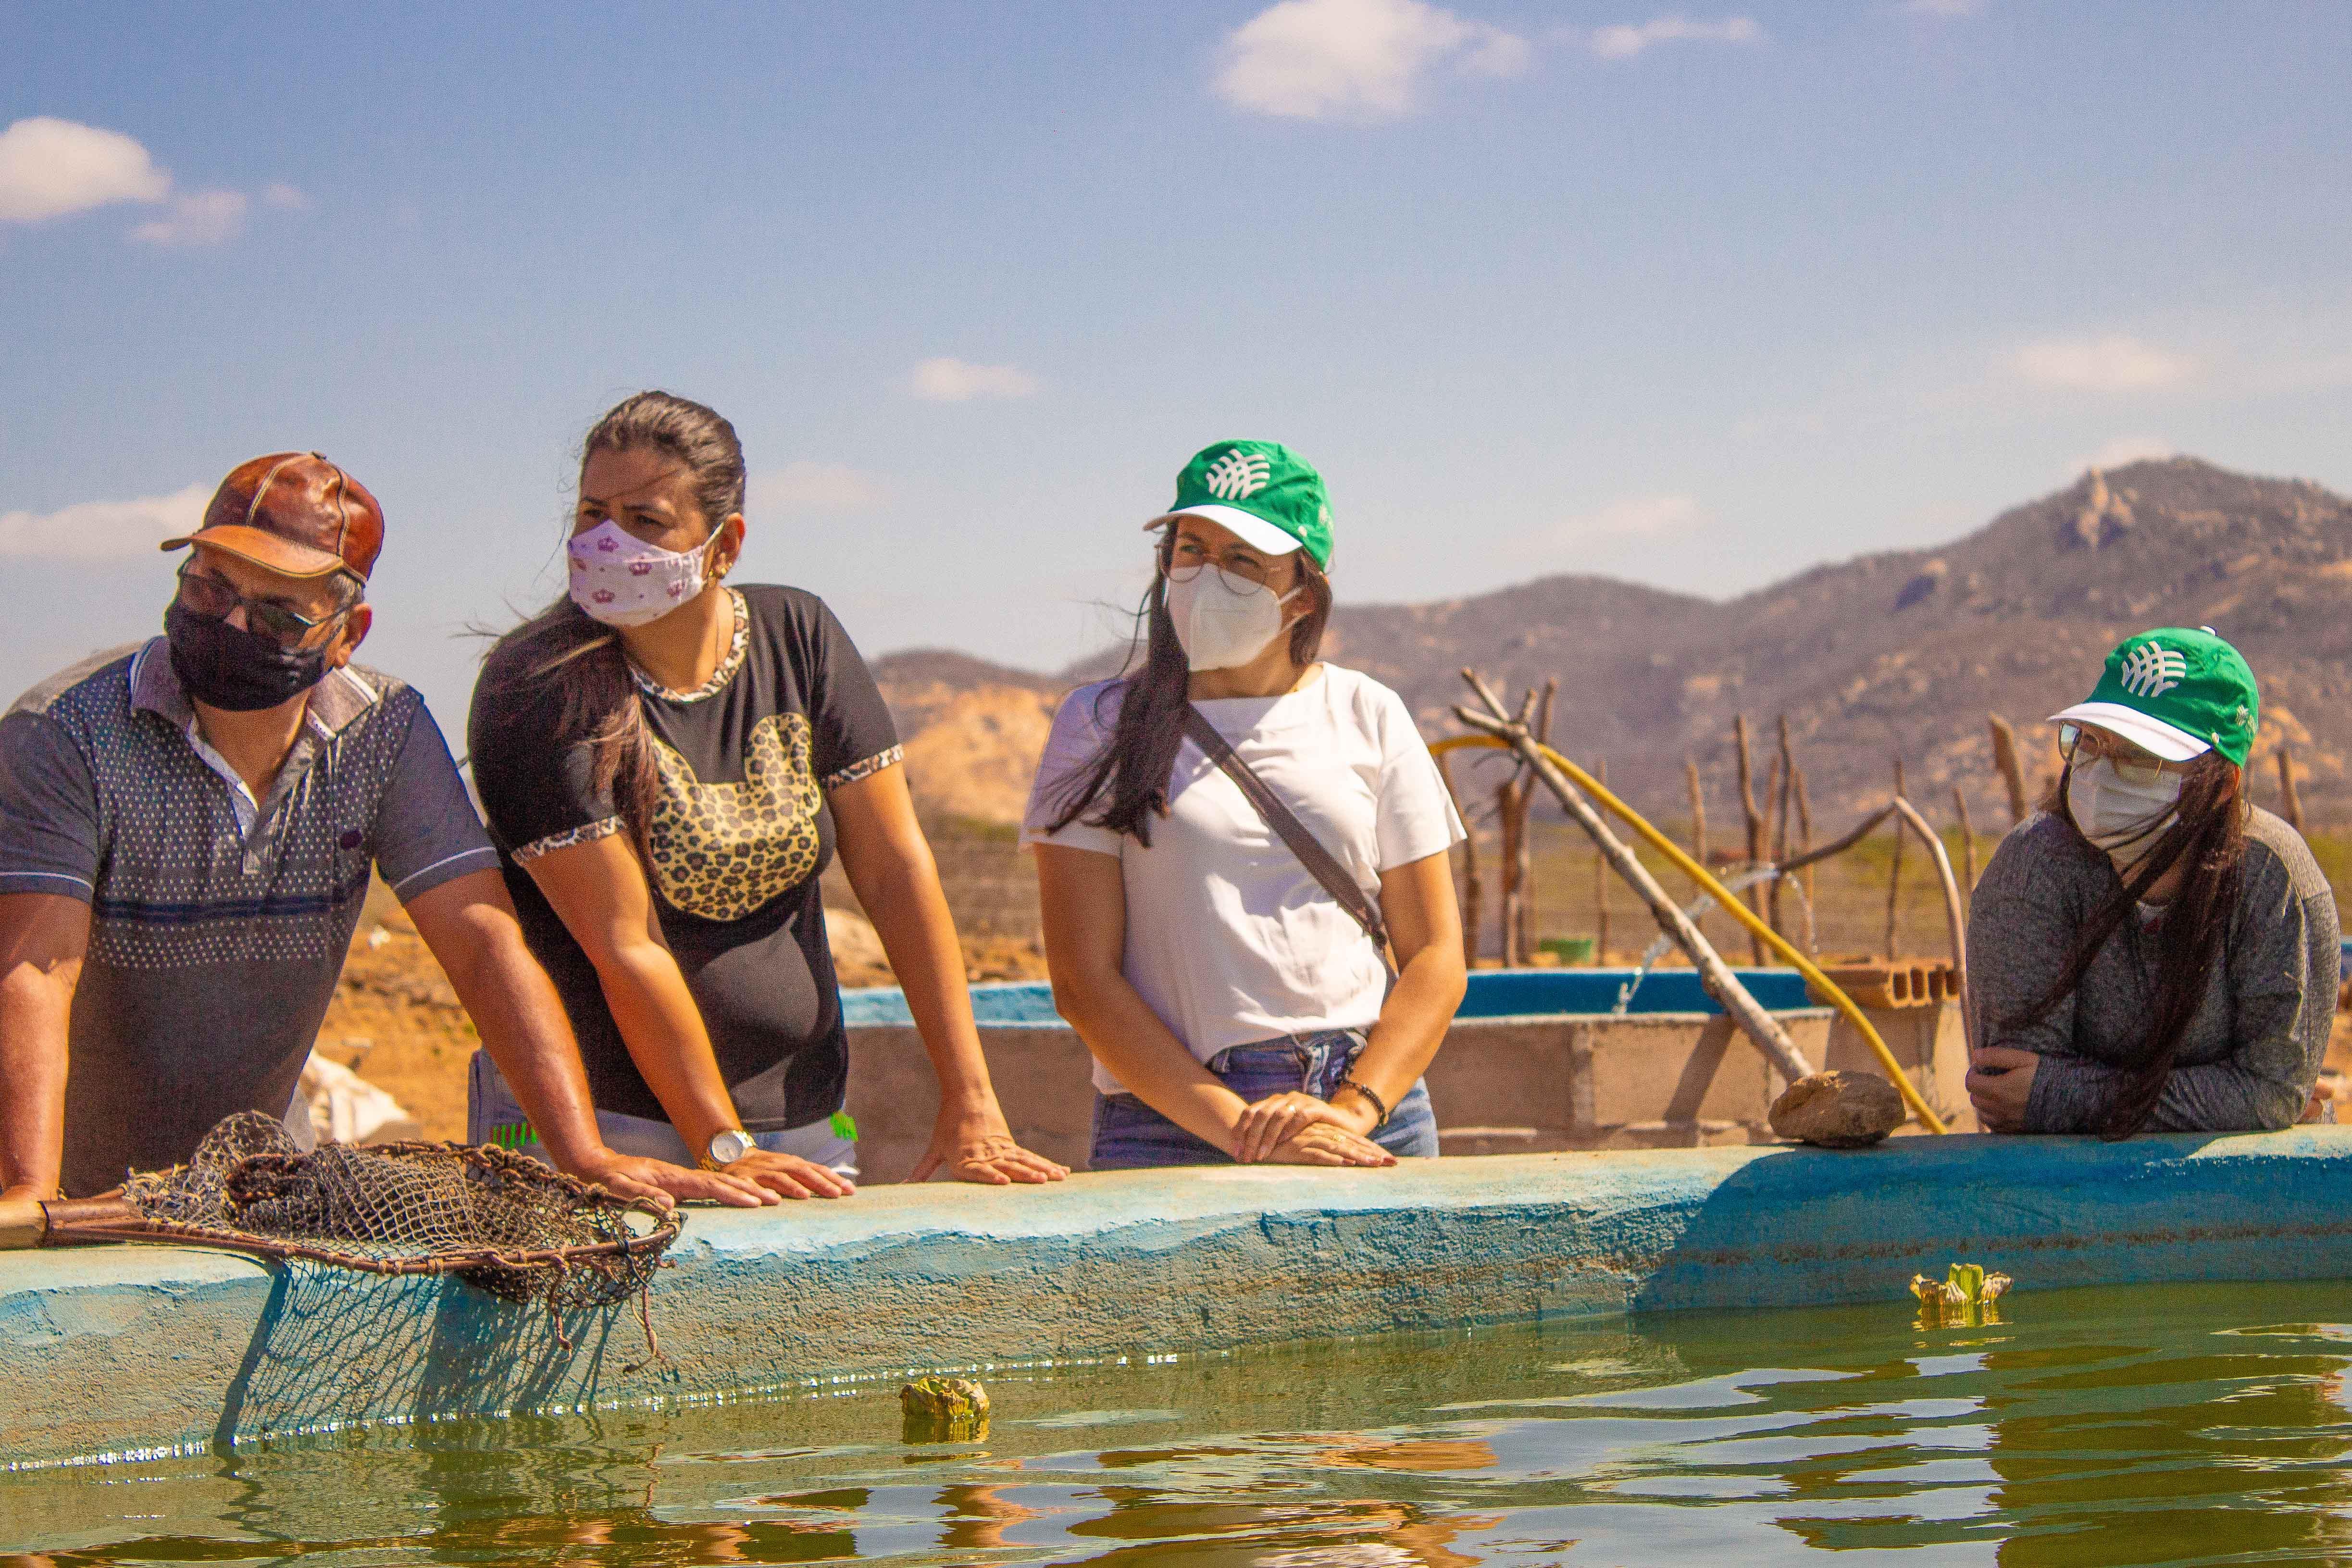 2021-09-17-e-19-curso-piscicultura-francisco-cesar-4658.jpg